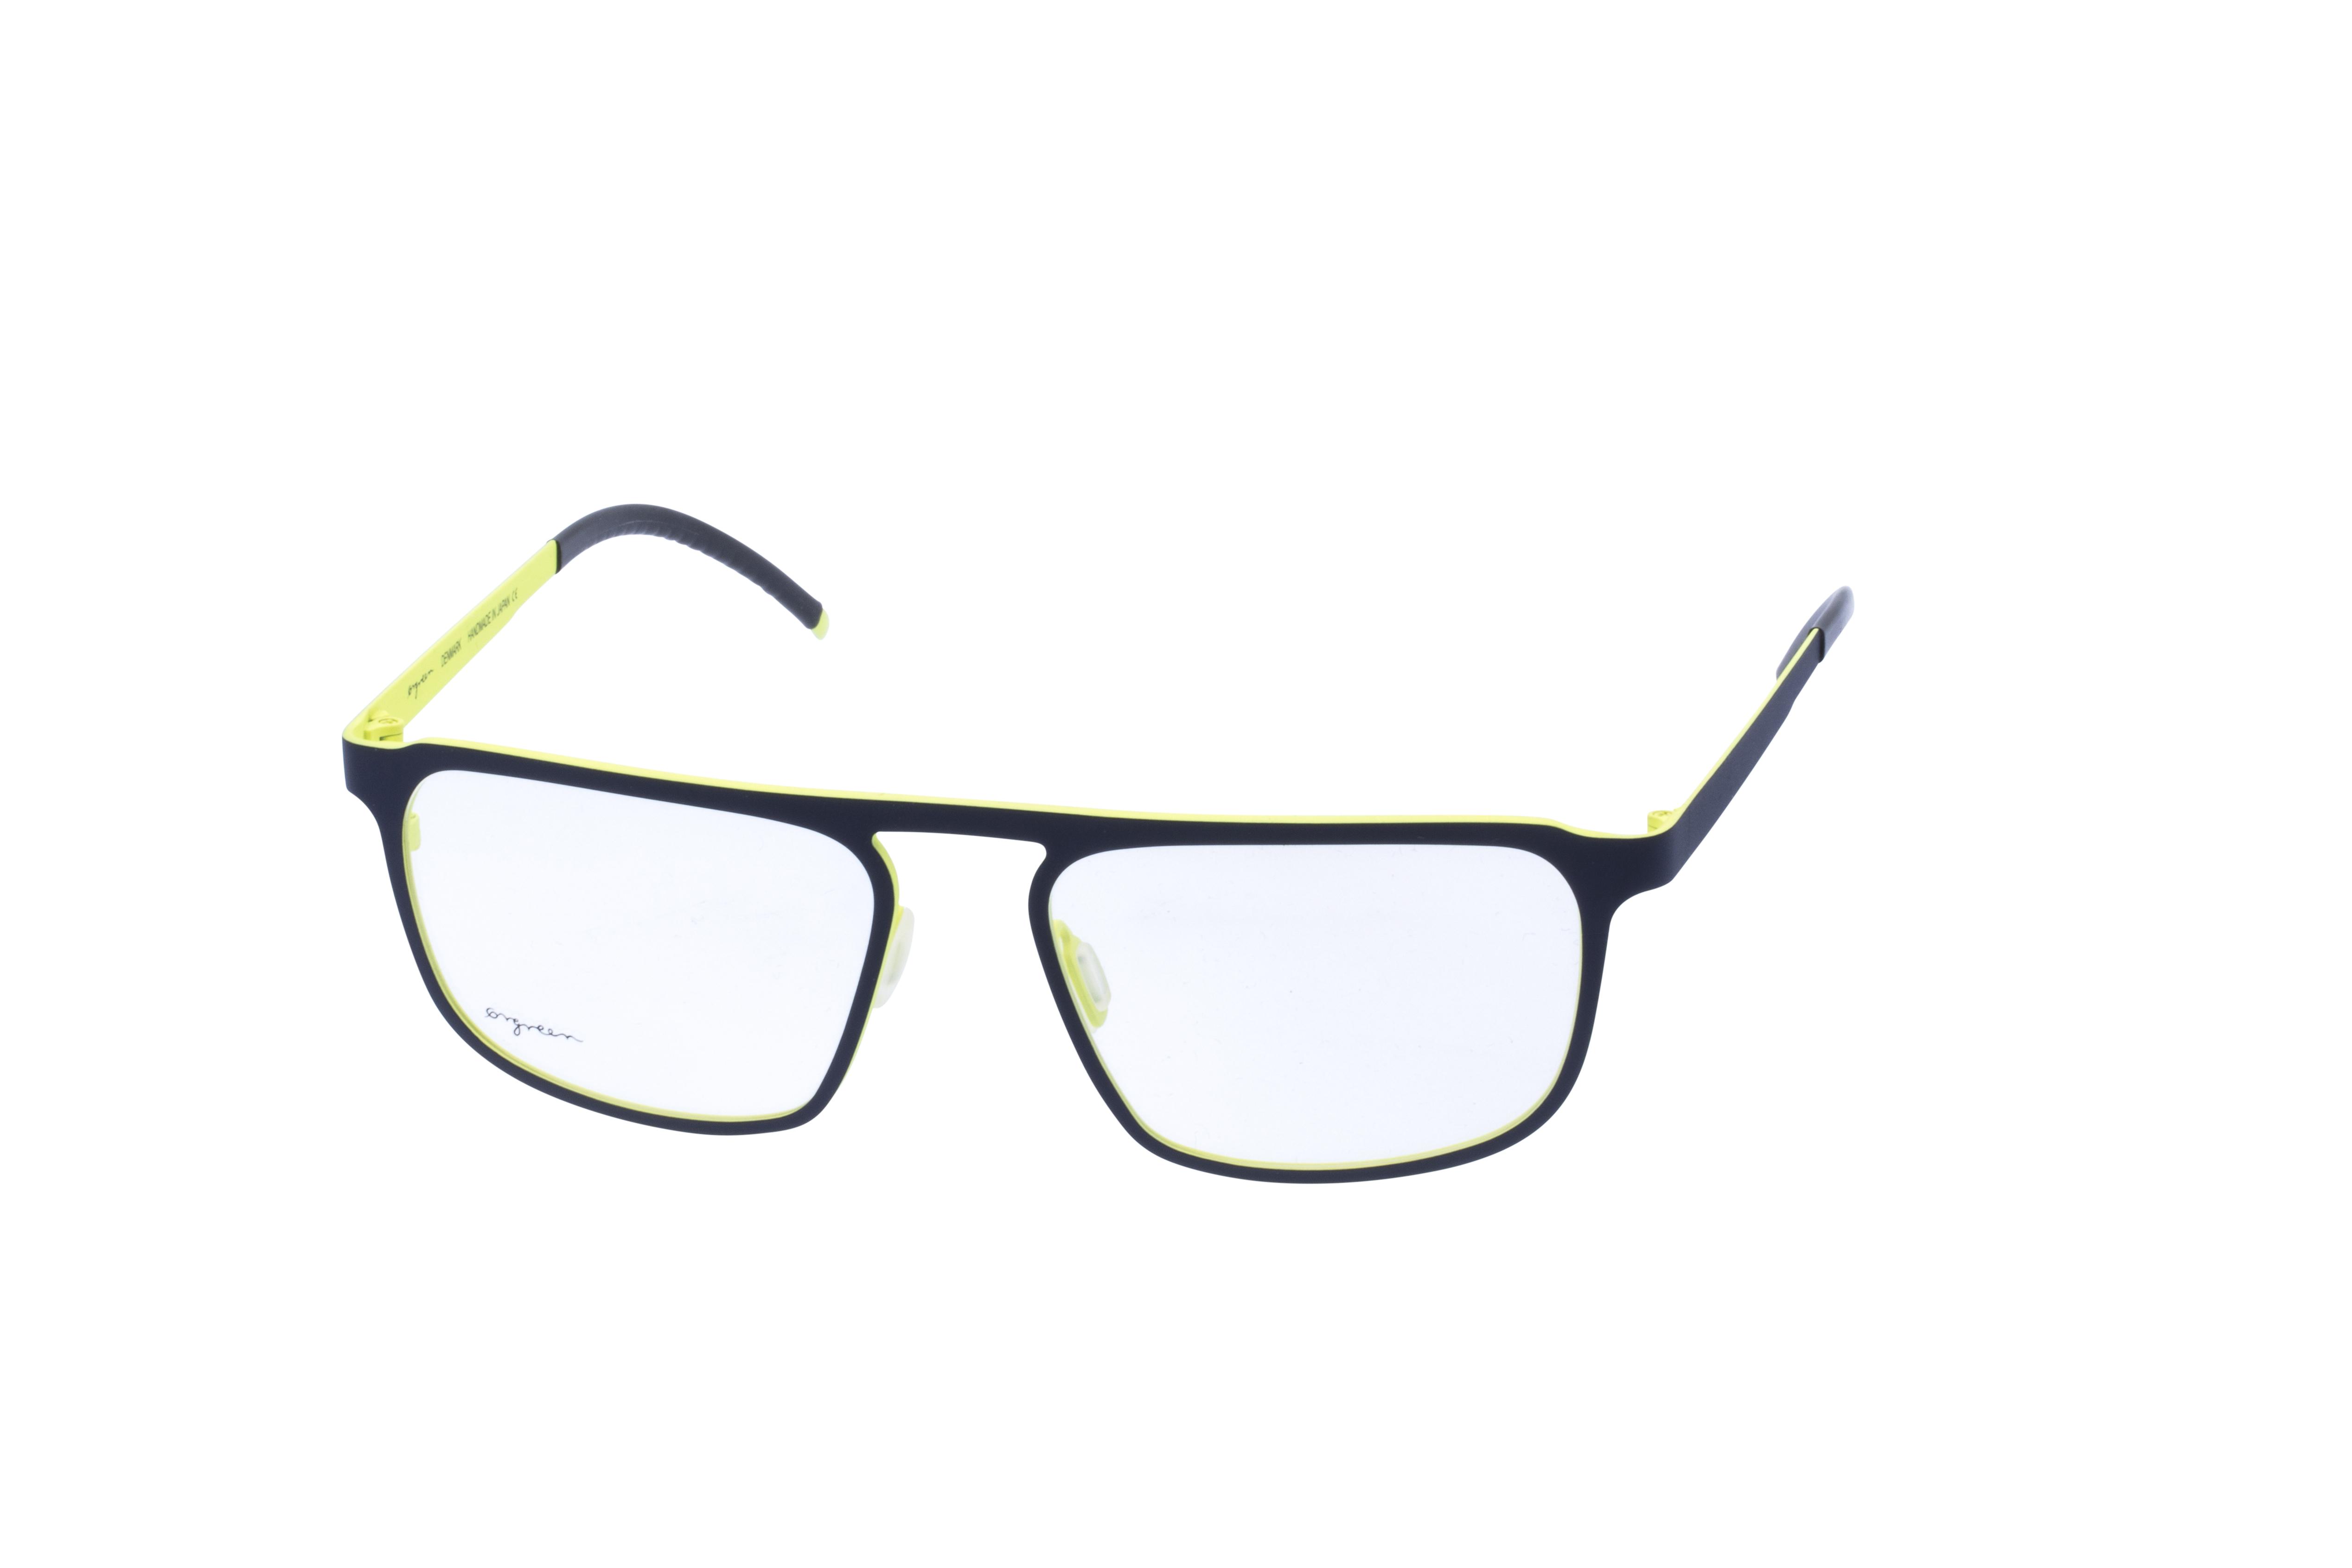 360 Grad Ansicht 23 Orgreen Crow, Brille auf Weiß - Fassung bei KUNK